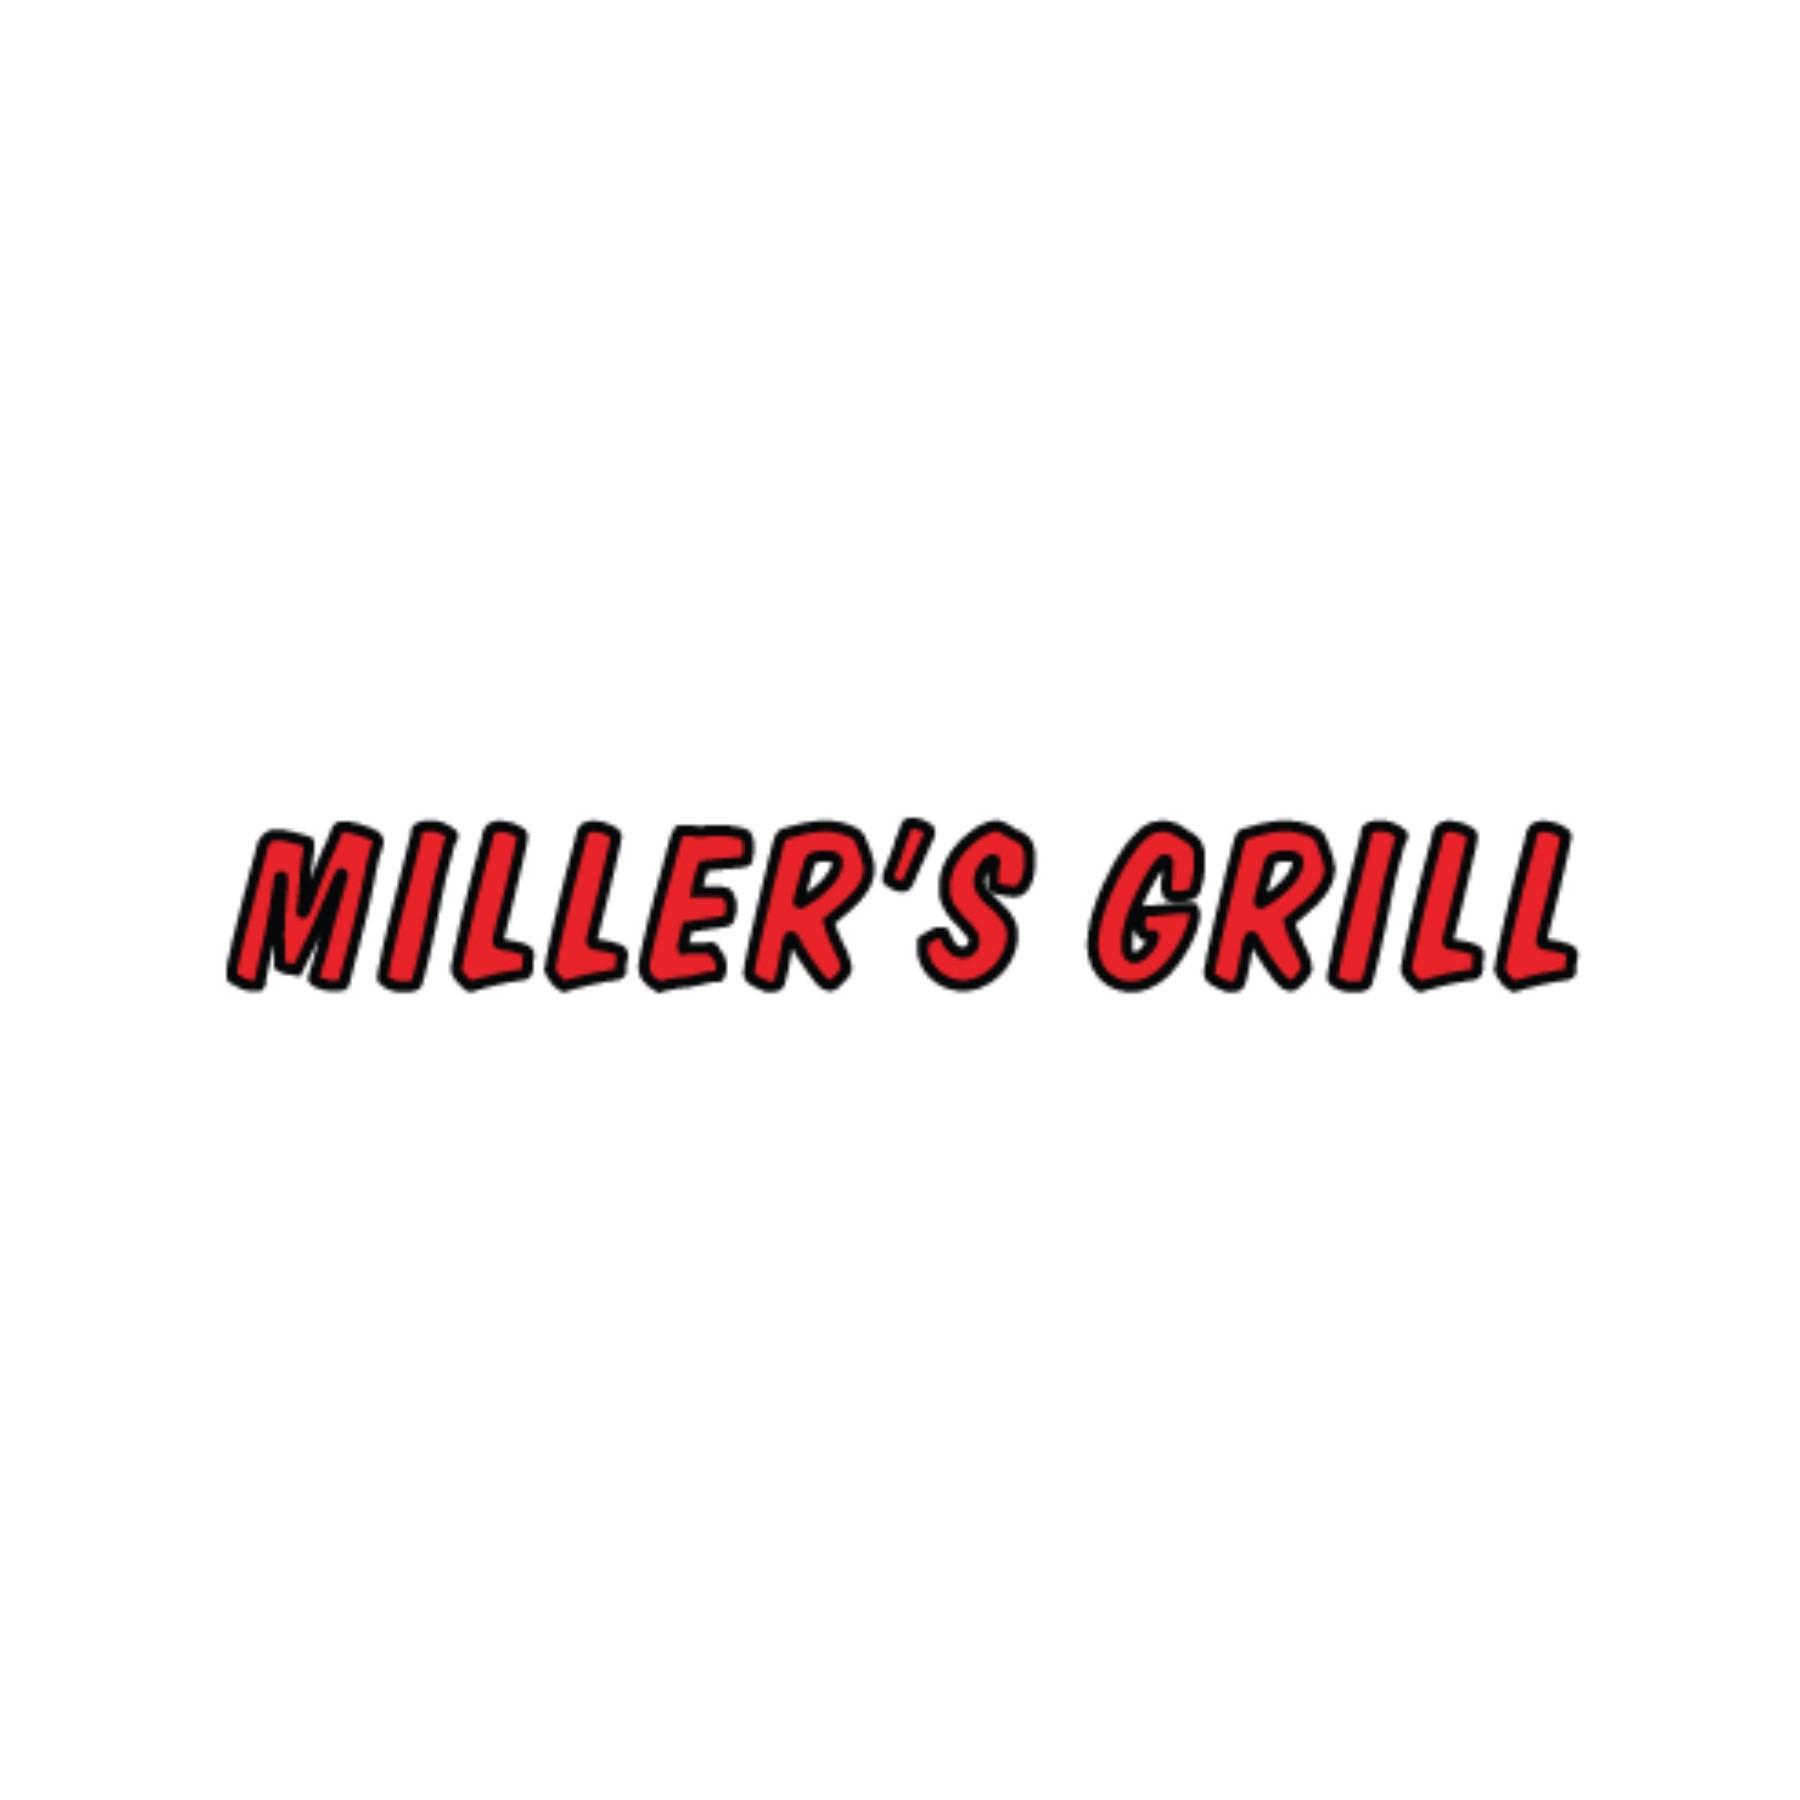 Miller's Grill.jpg